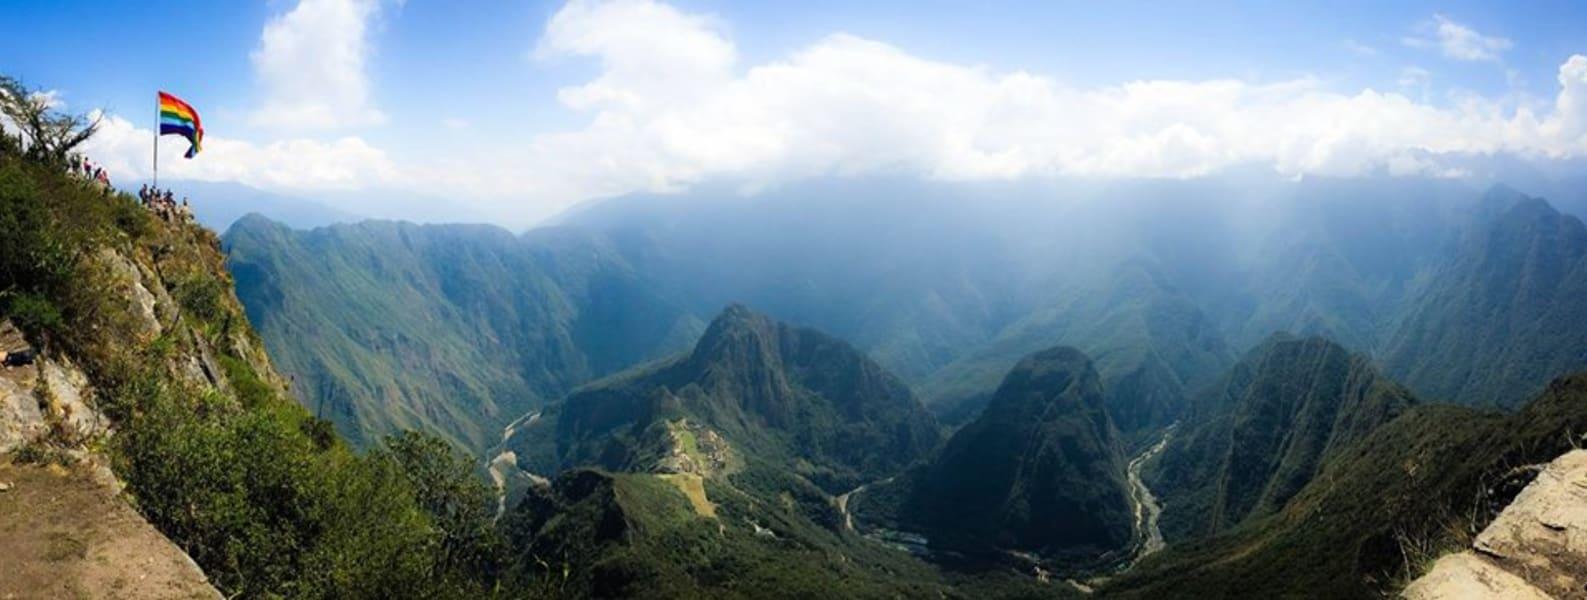 Alpaca Expeditions Classic Inca Trail Trek to Machu Picchu Cusco Peru undefined